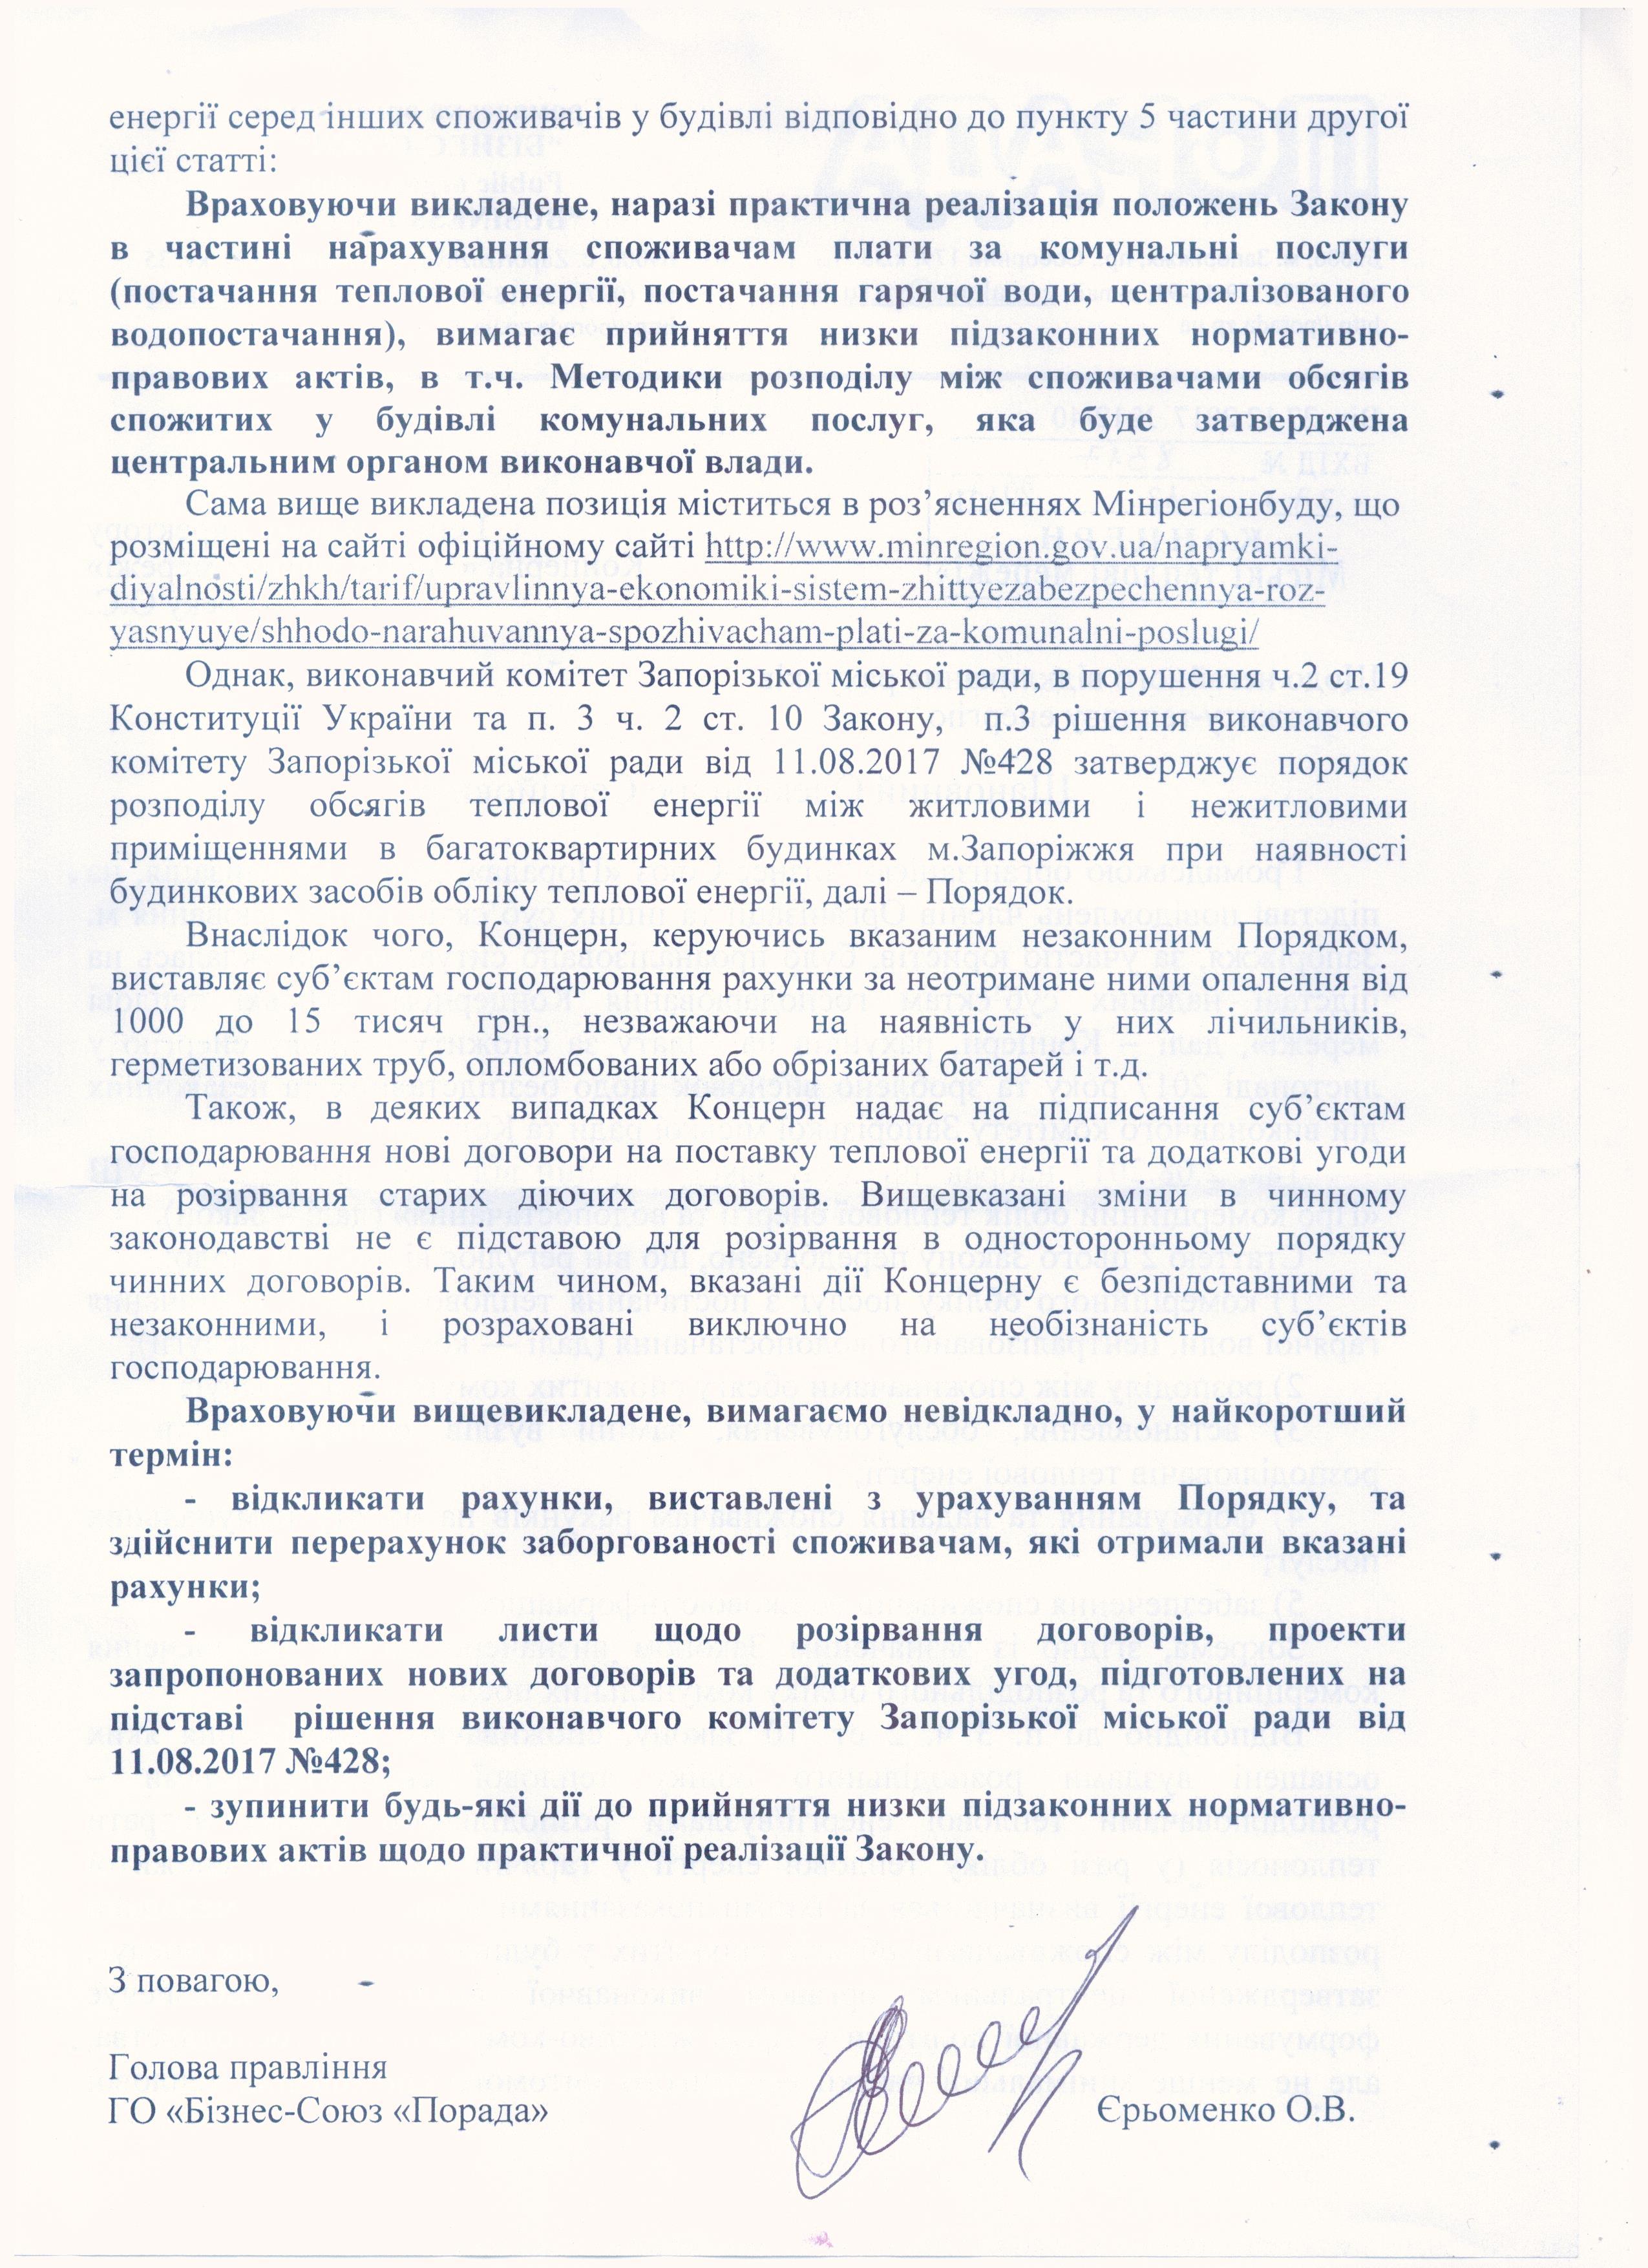 Елена Ерёменко рассказала о визите общественников в концерн ГТС